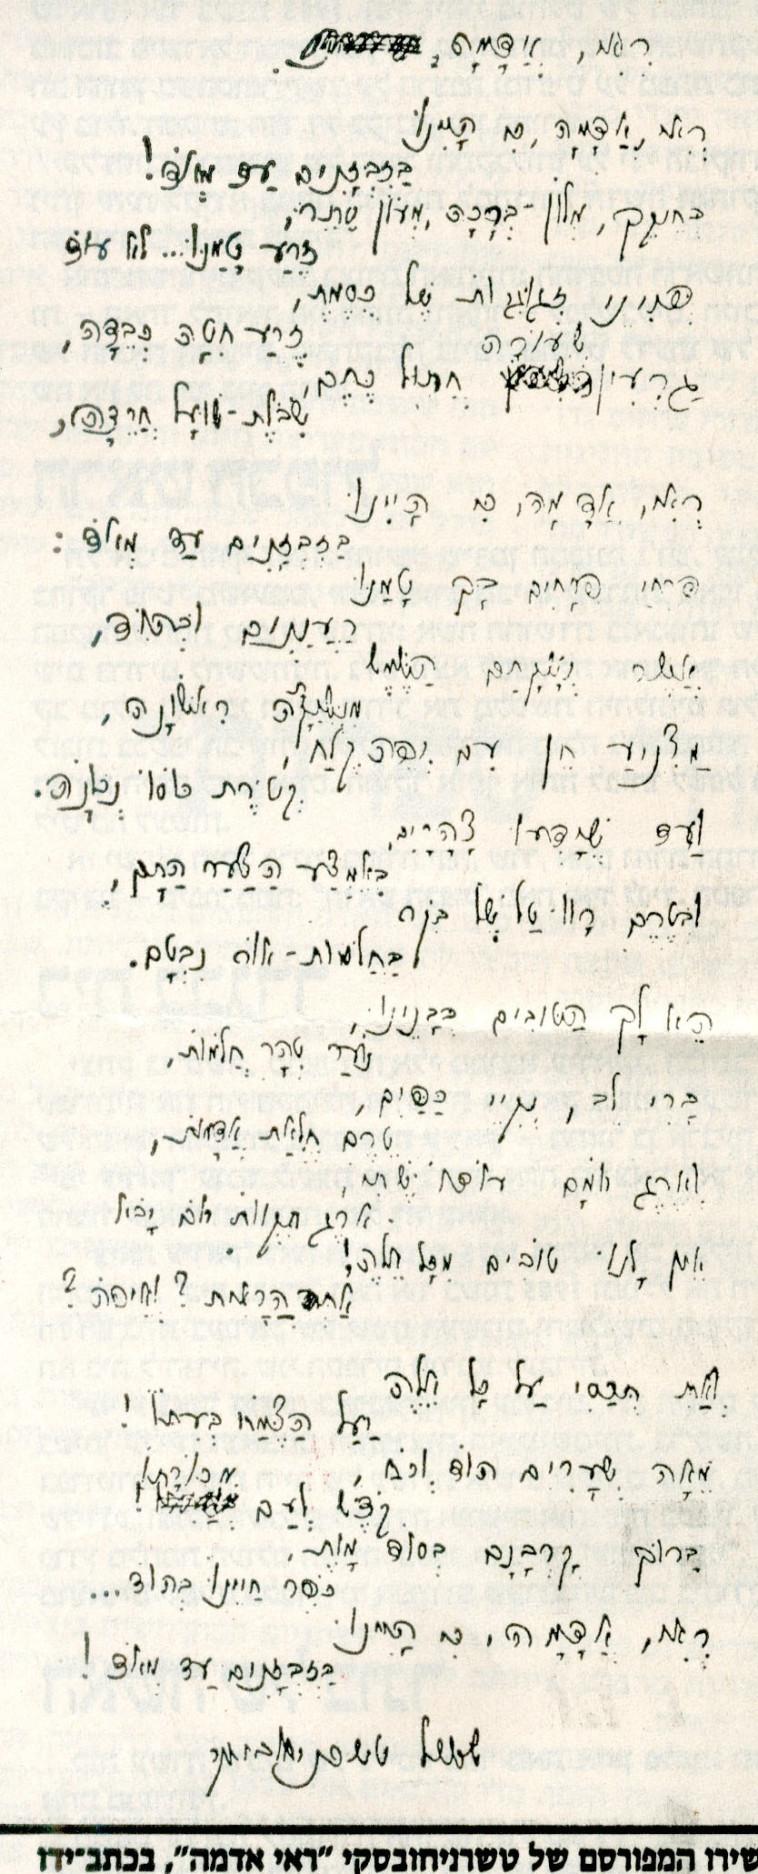 שירו המפורסם של טשרנחובסקי ראי אדמה בכתב ידו צילום ארכיון מעריב